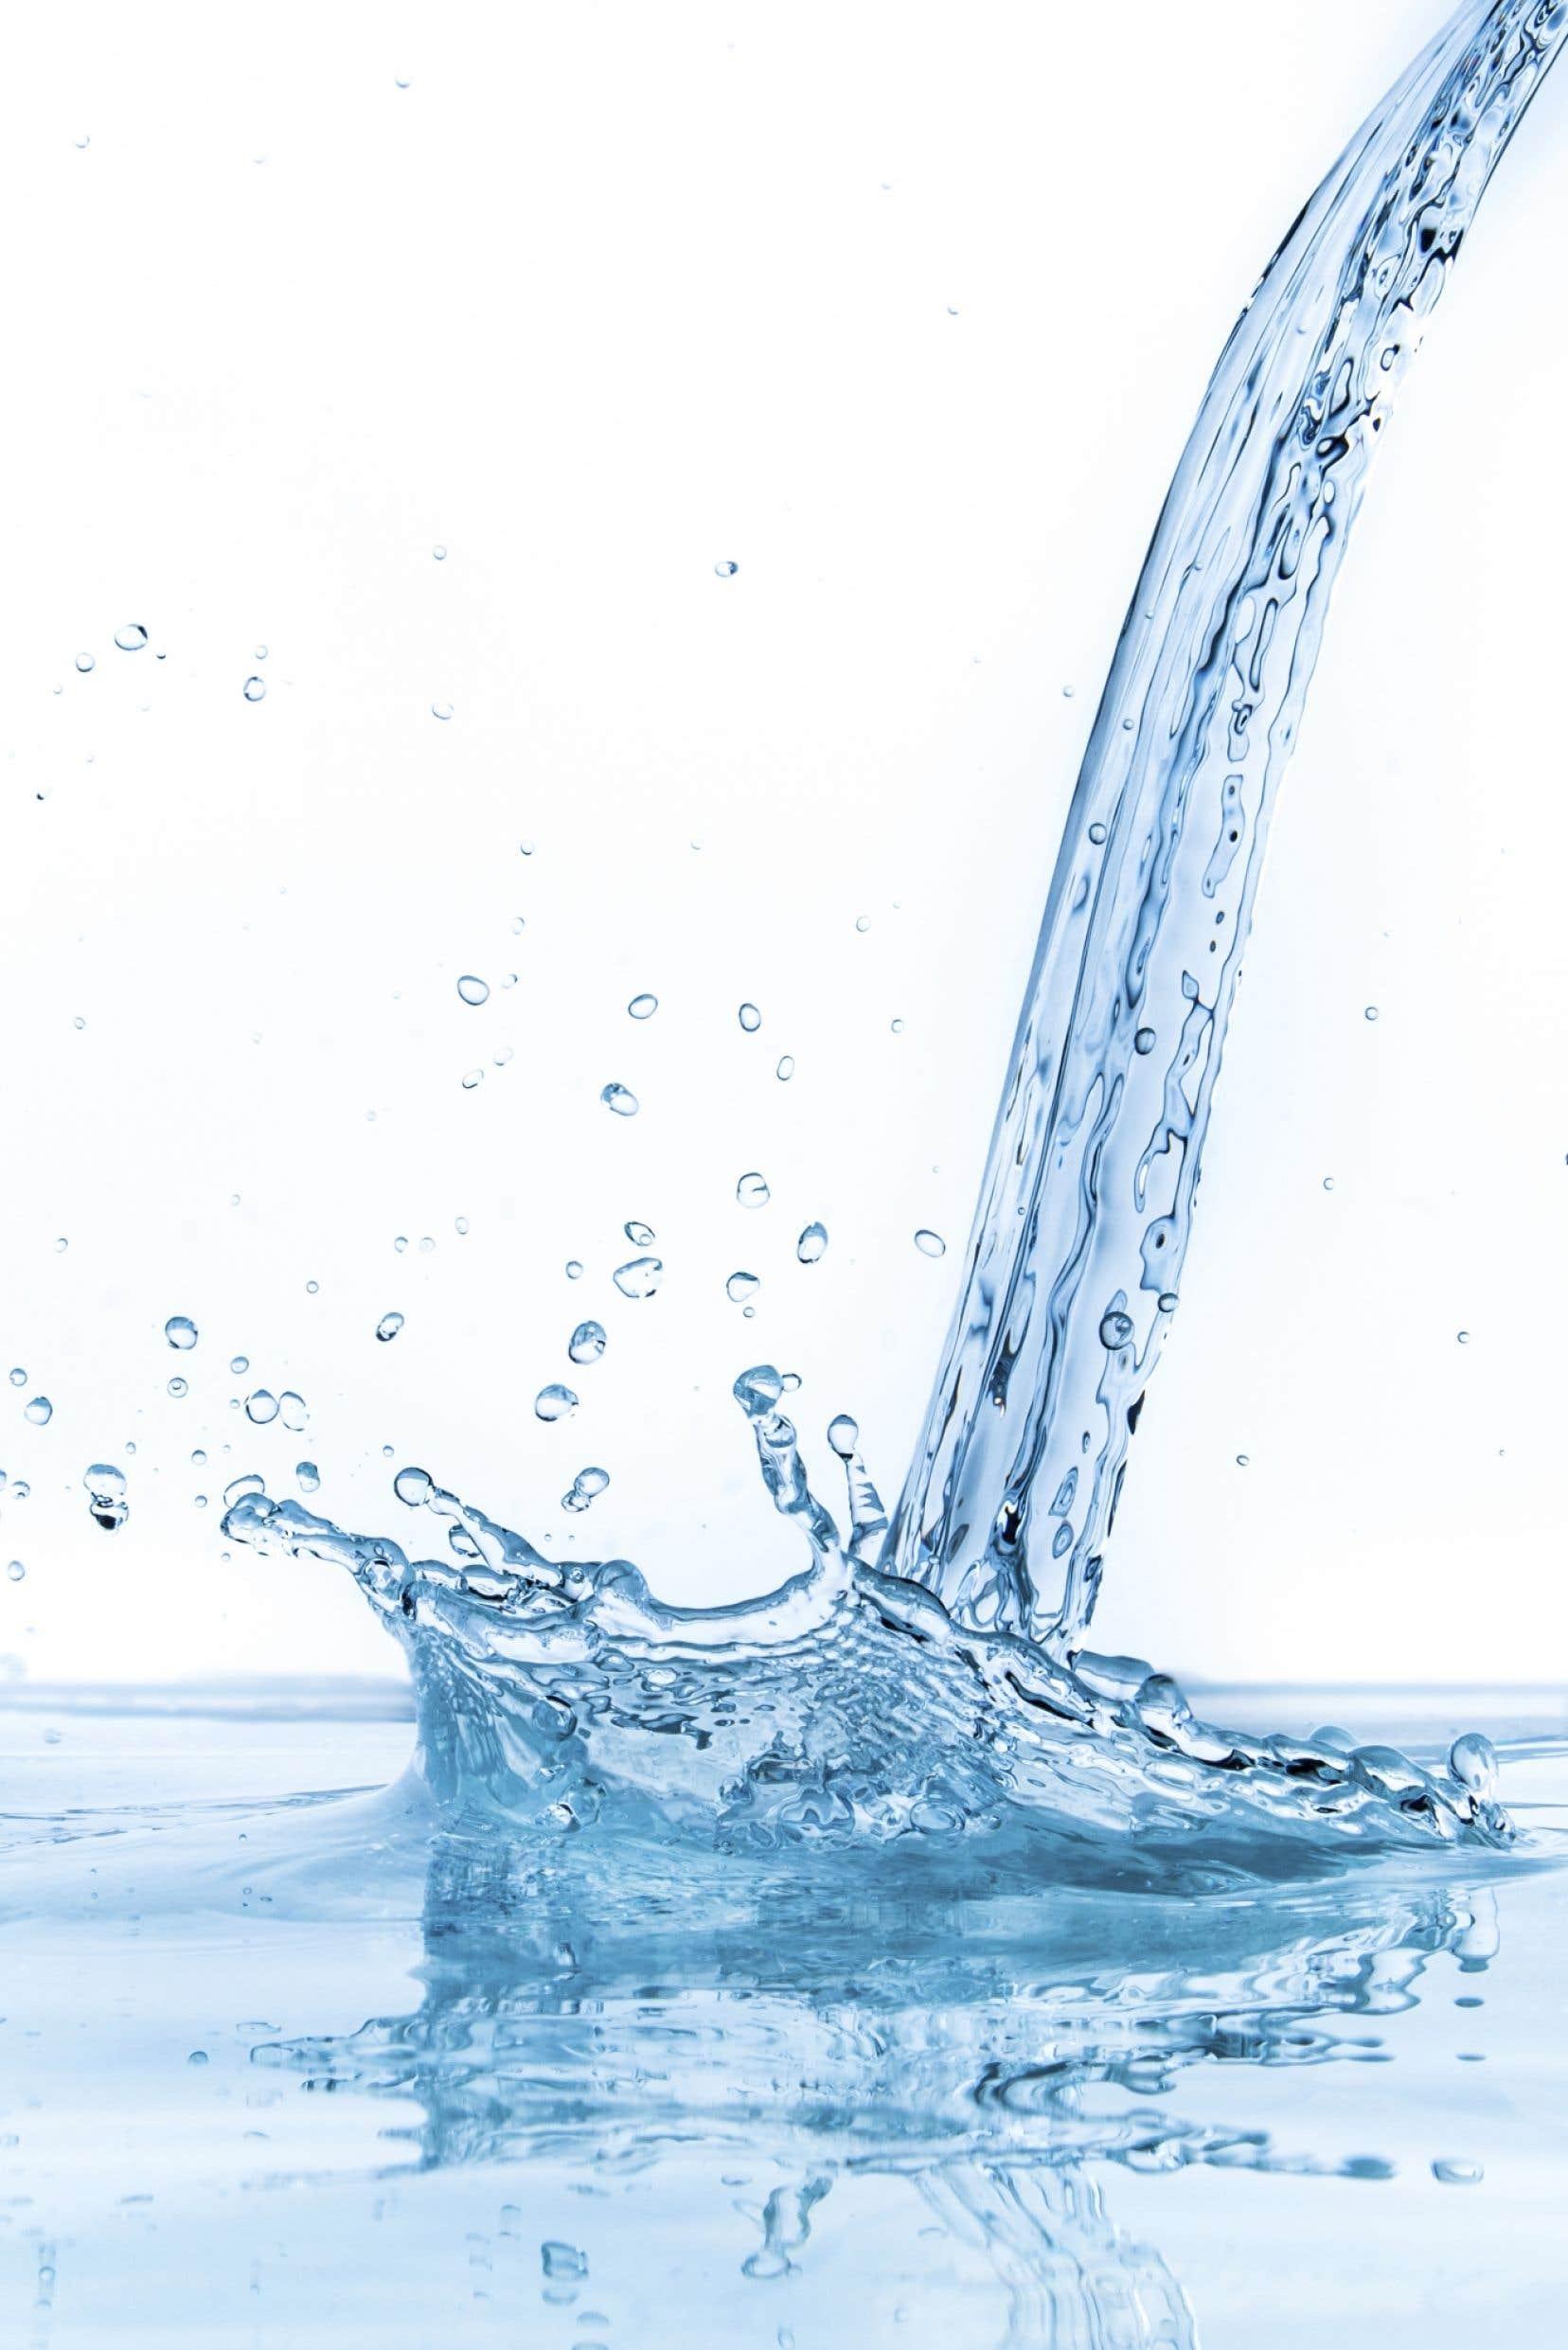 En 2013, la production d'eau potable pour l'île de Montréal a atteint 639 millions de mètres cubes d'eau, soit 2 % de moins que l'année précédente et 15 % de moins par rapport à 2001.